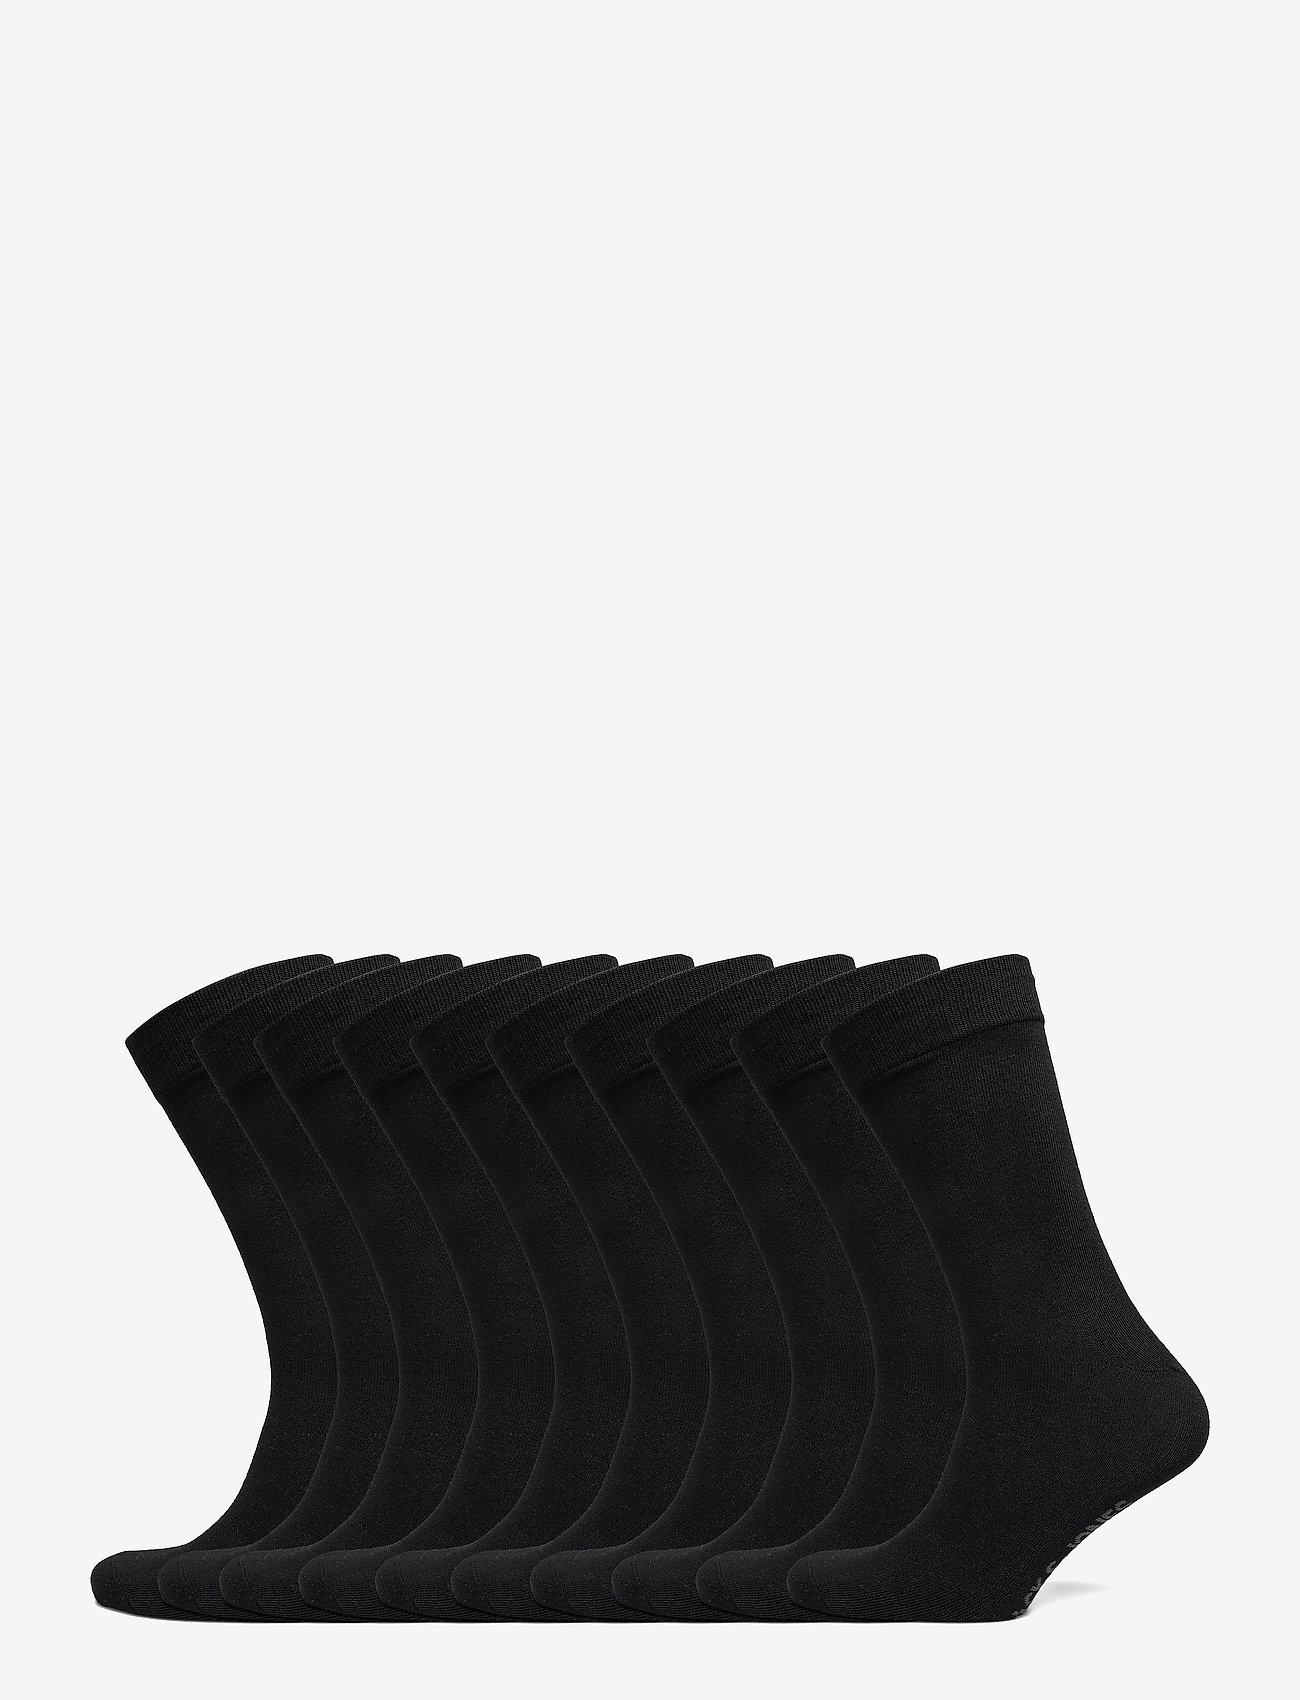 Jack & Jones - JACJENS SOCK 10 PACK NOOS - vanlige sokker - black - 0